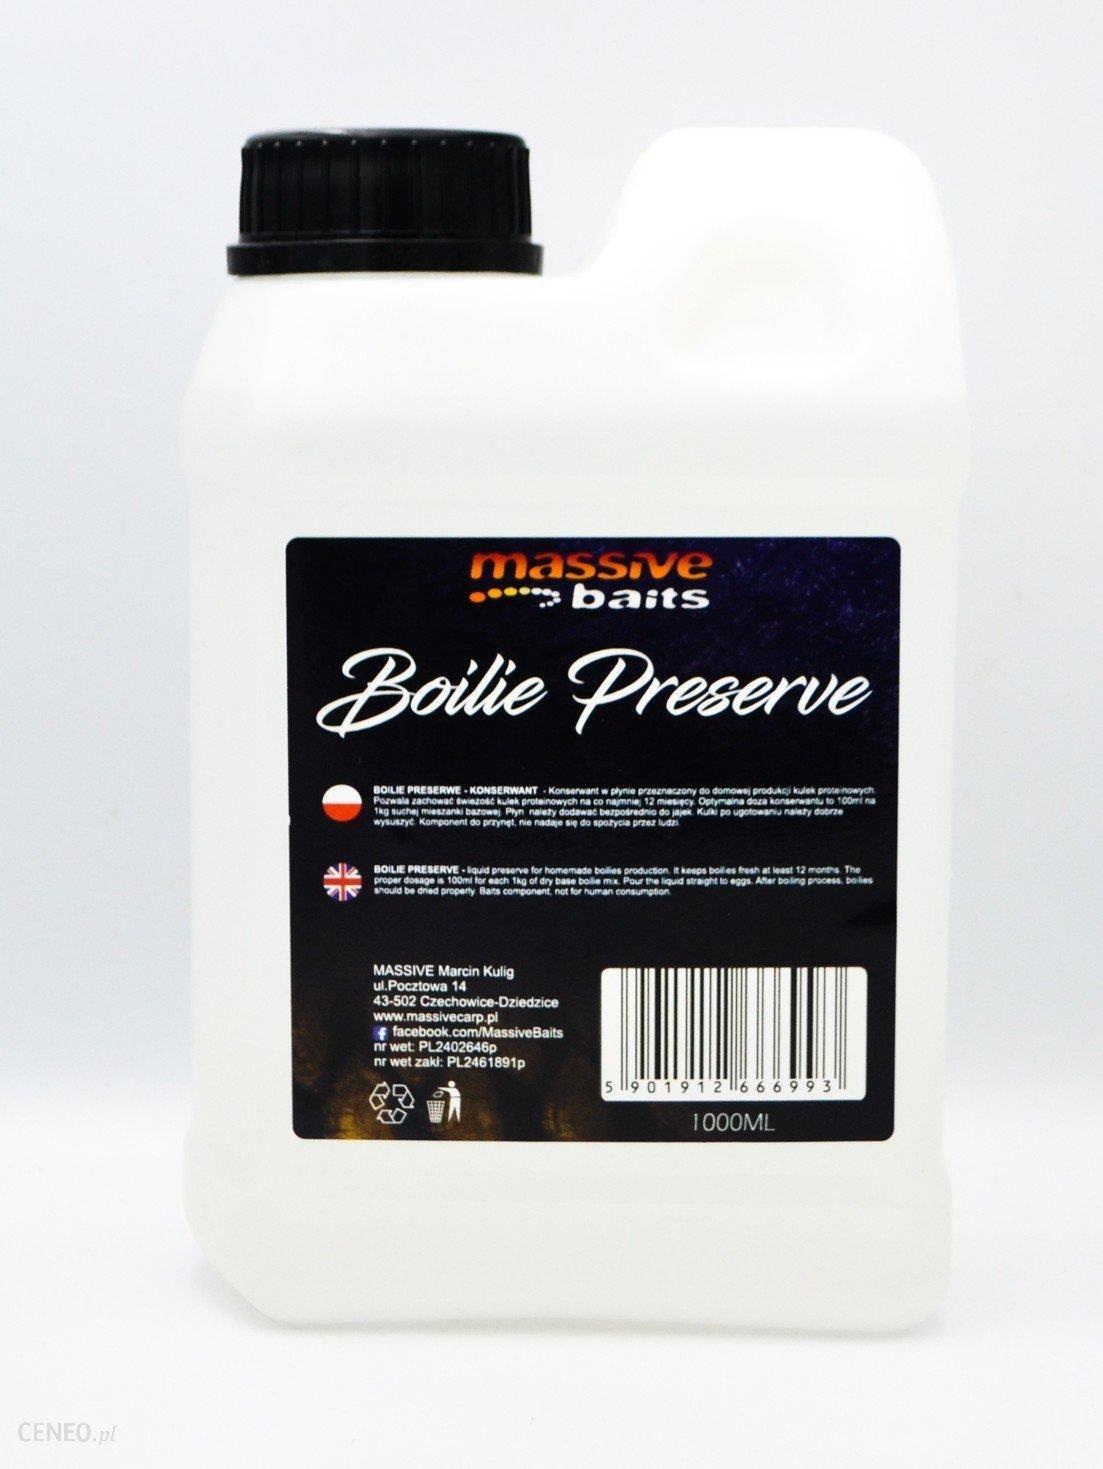 Massive Baits Boilie Preserve Konserwant